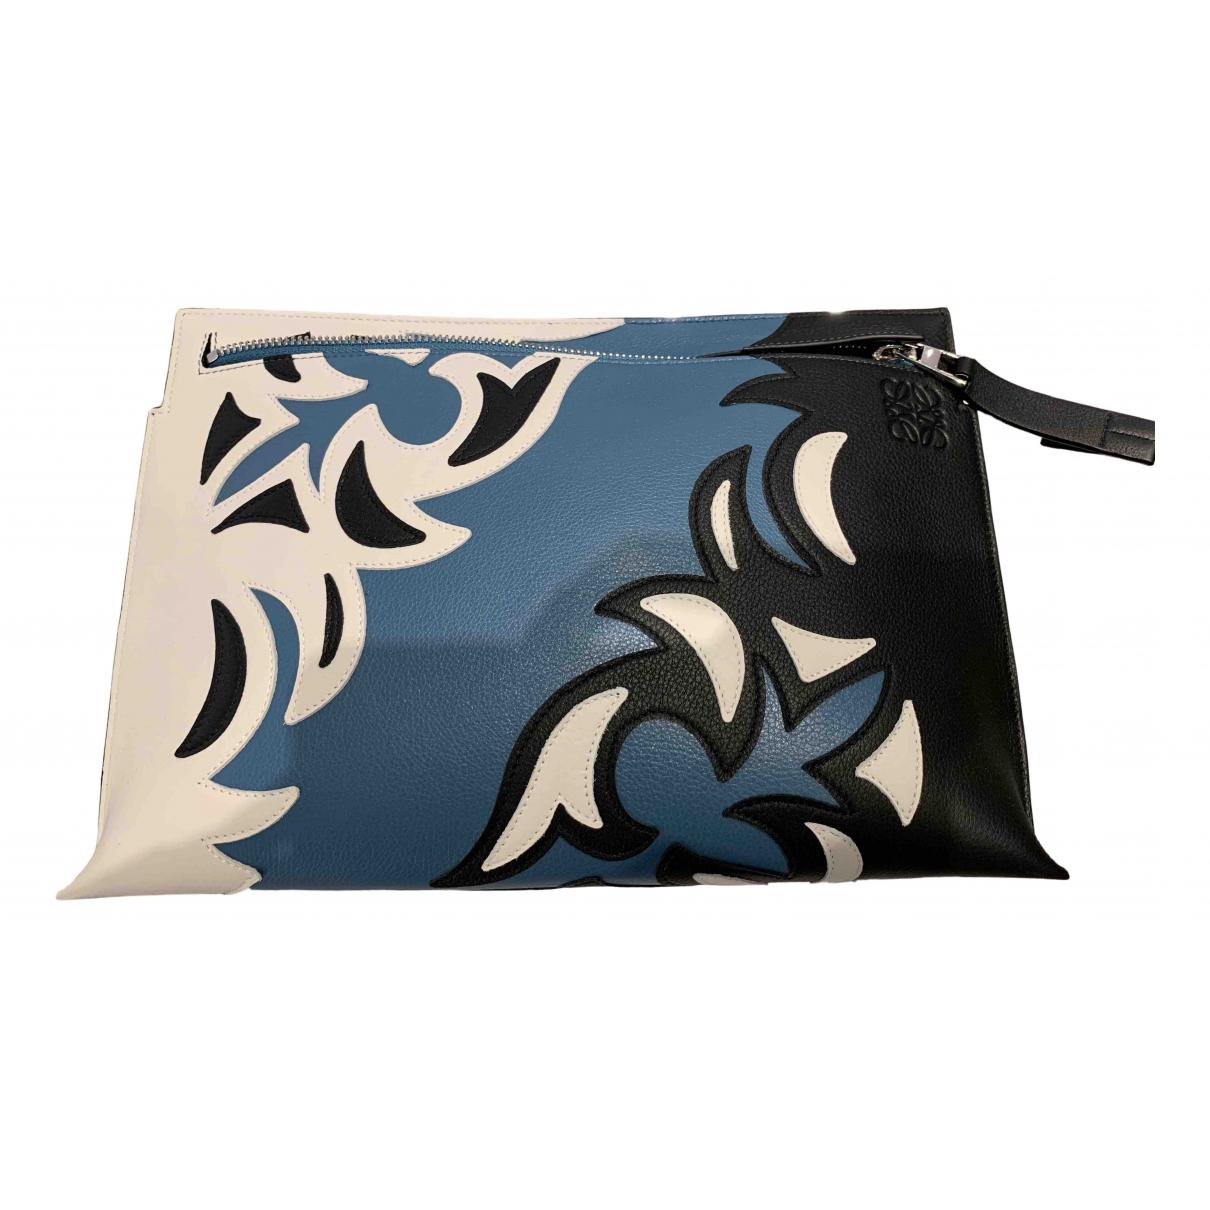 Loewe - Pochette T Pouch pour femme en cuir - bleu